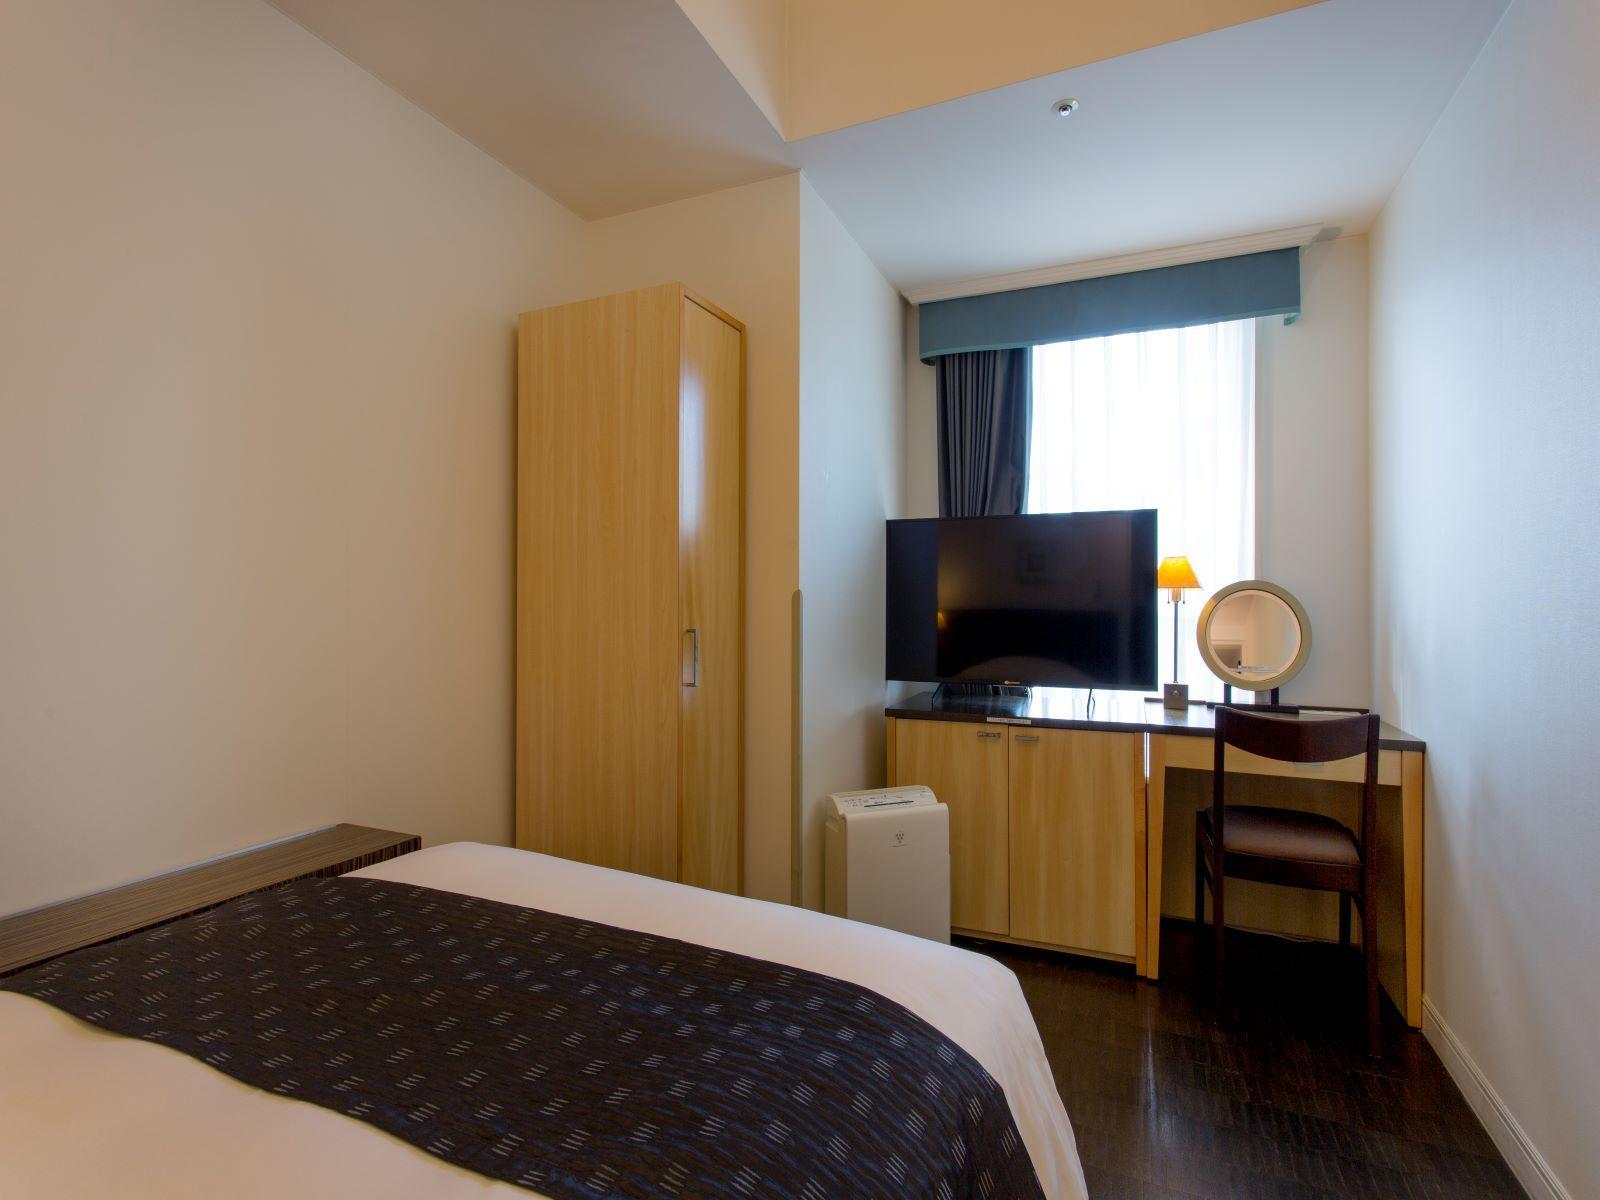 ホテルモントレ銀座 / 【早得60】早期予約でスマートに旅行計画≪素泊り≫